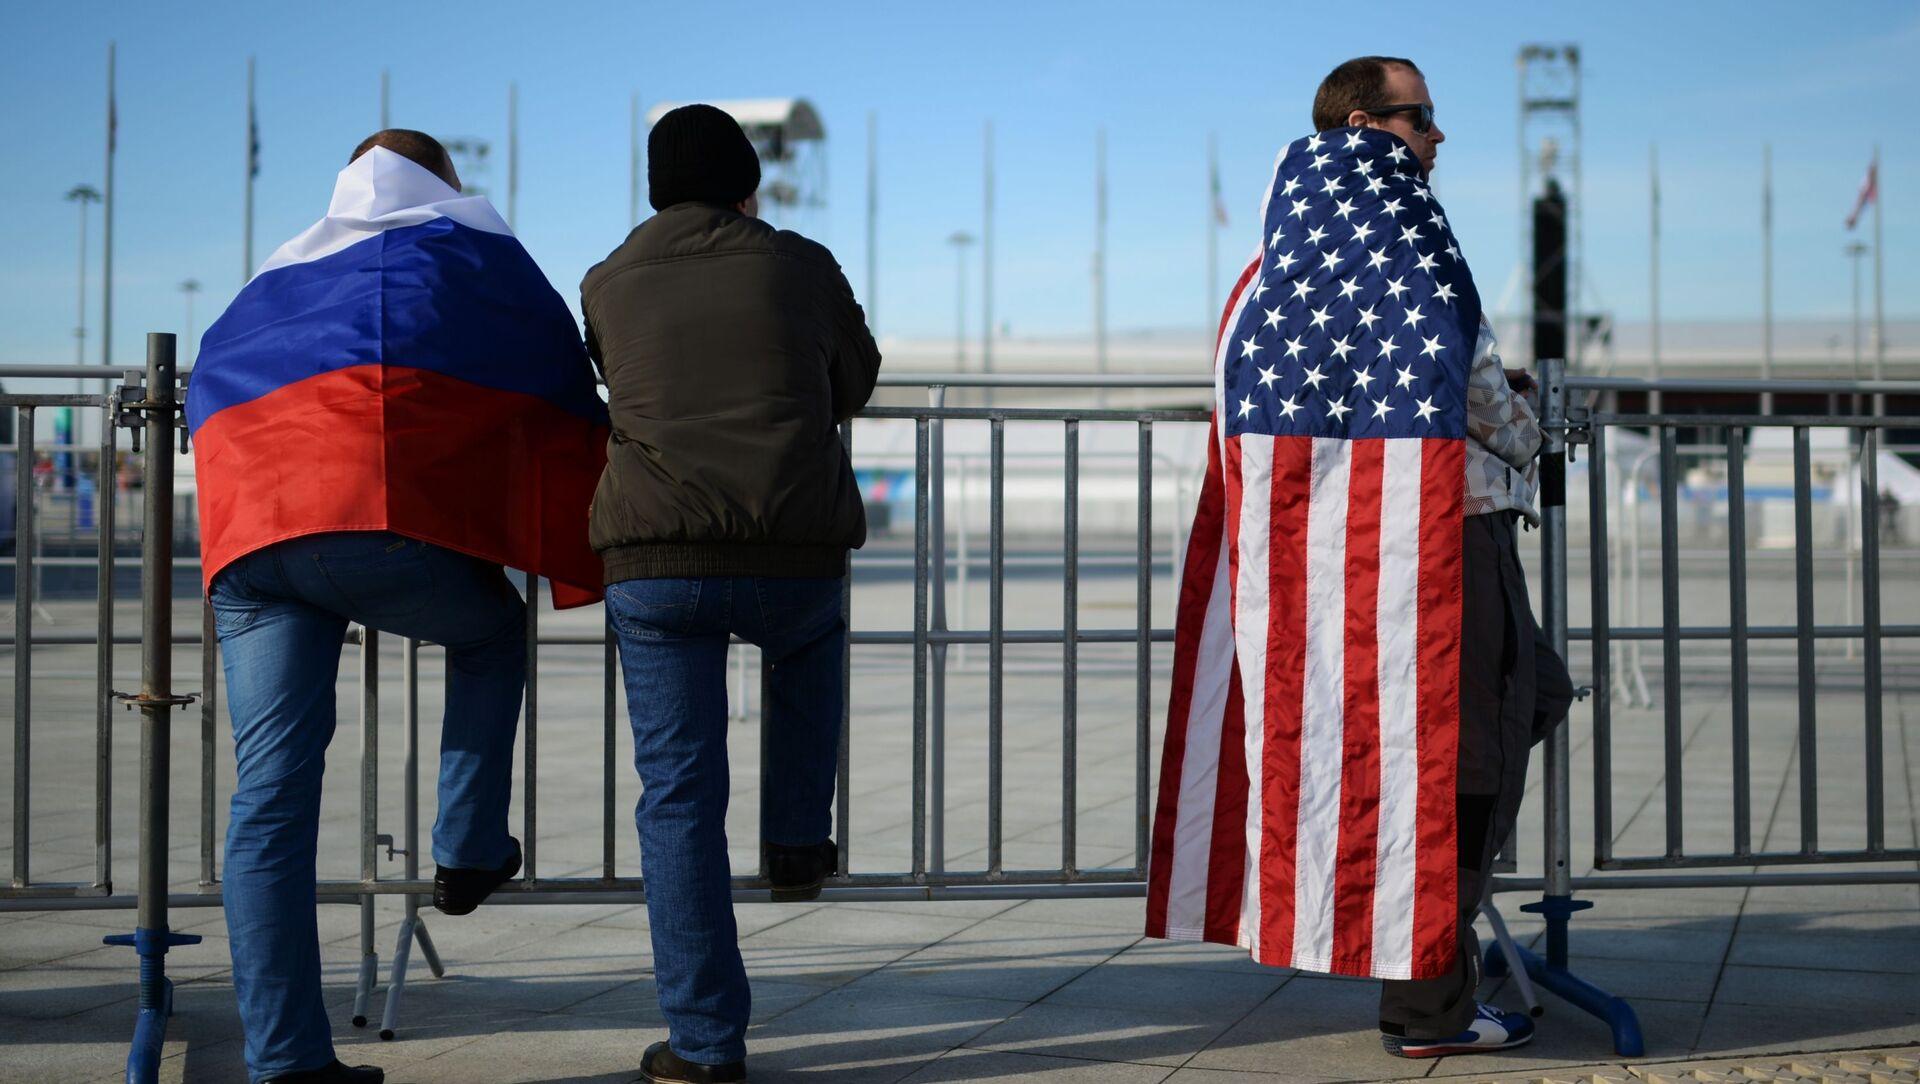 Ludzie z flagami Rosji i USA  - Sputnik Polska, 1920, 17.02.2021